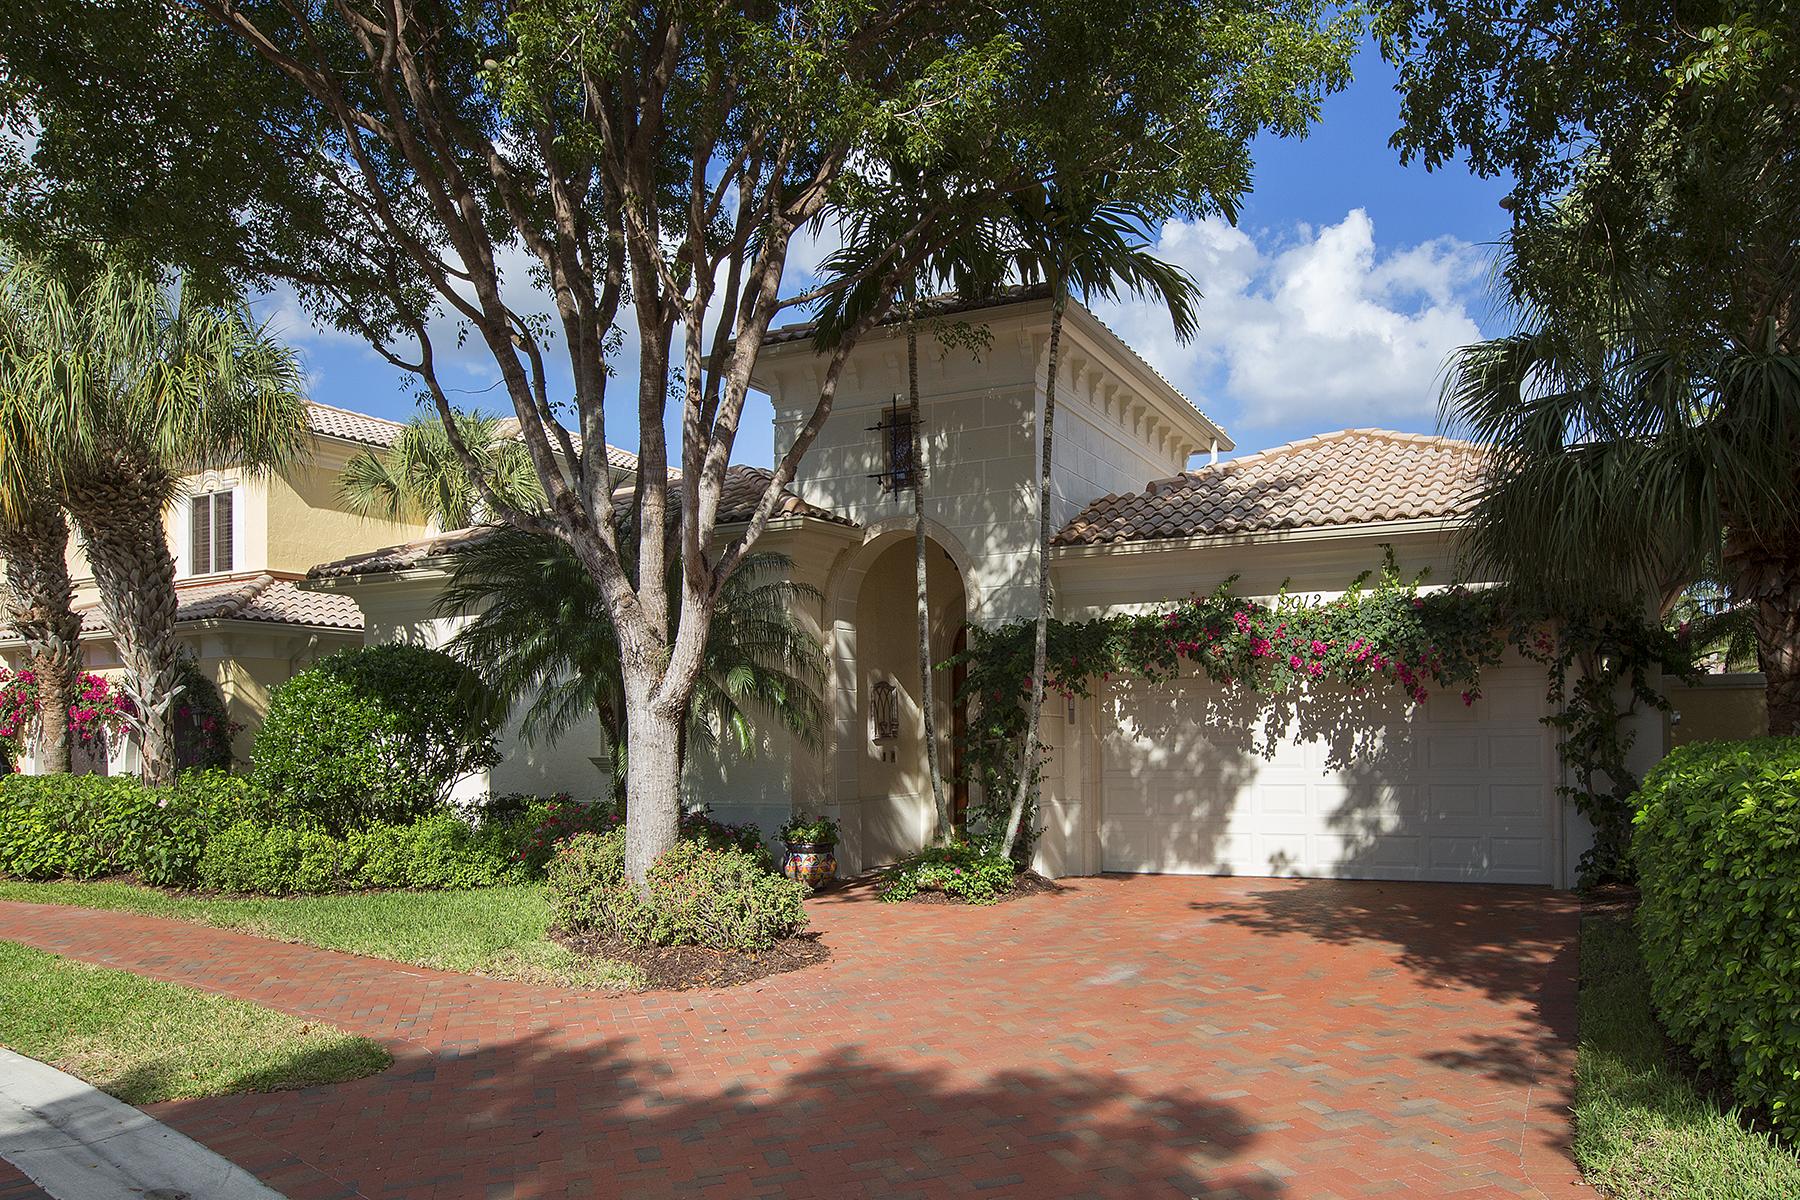 Maison unifamiliale pour l Vente à PELICAN MARSH - TERRABELLA 9012 Terranova Dr Naples, Florida, 34109 États-Unis